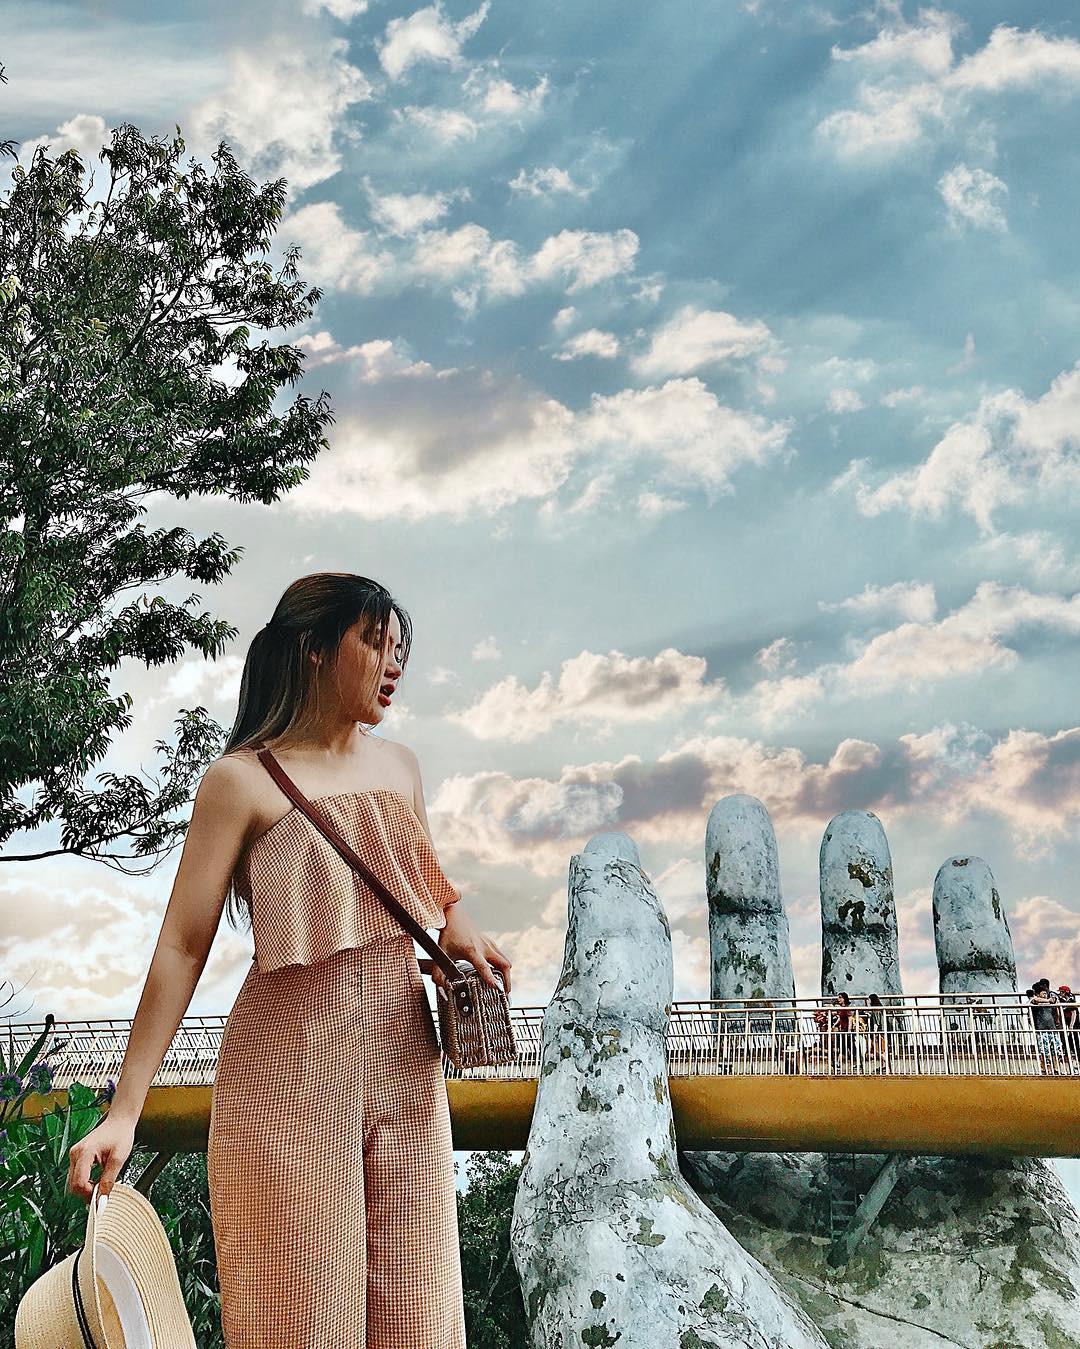 """""""Act cool đứng hình mất 5s"""" trước 8 cây cầu sống ảo đẹp nhất Việt Nam, bạn đã check-in hết chưa? - Ảnh 3."""